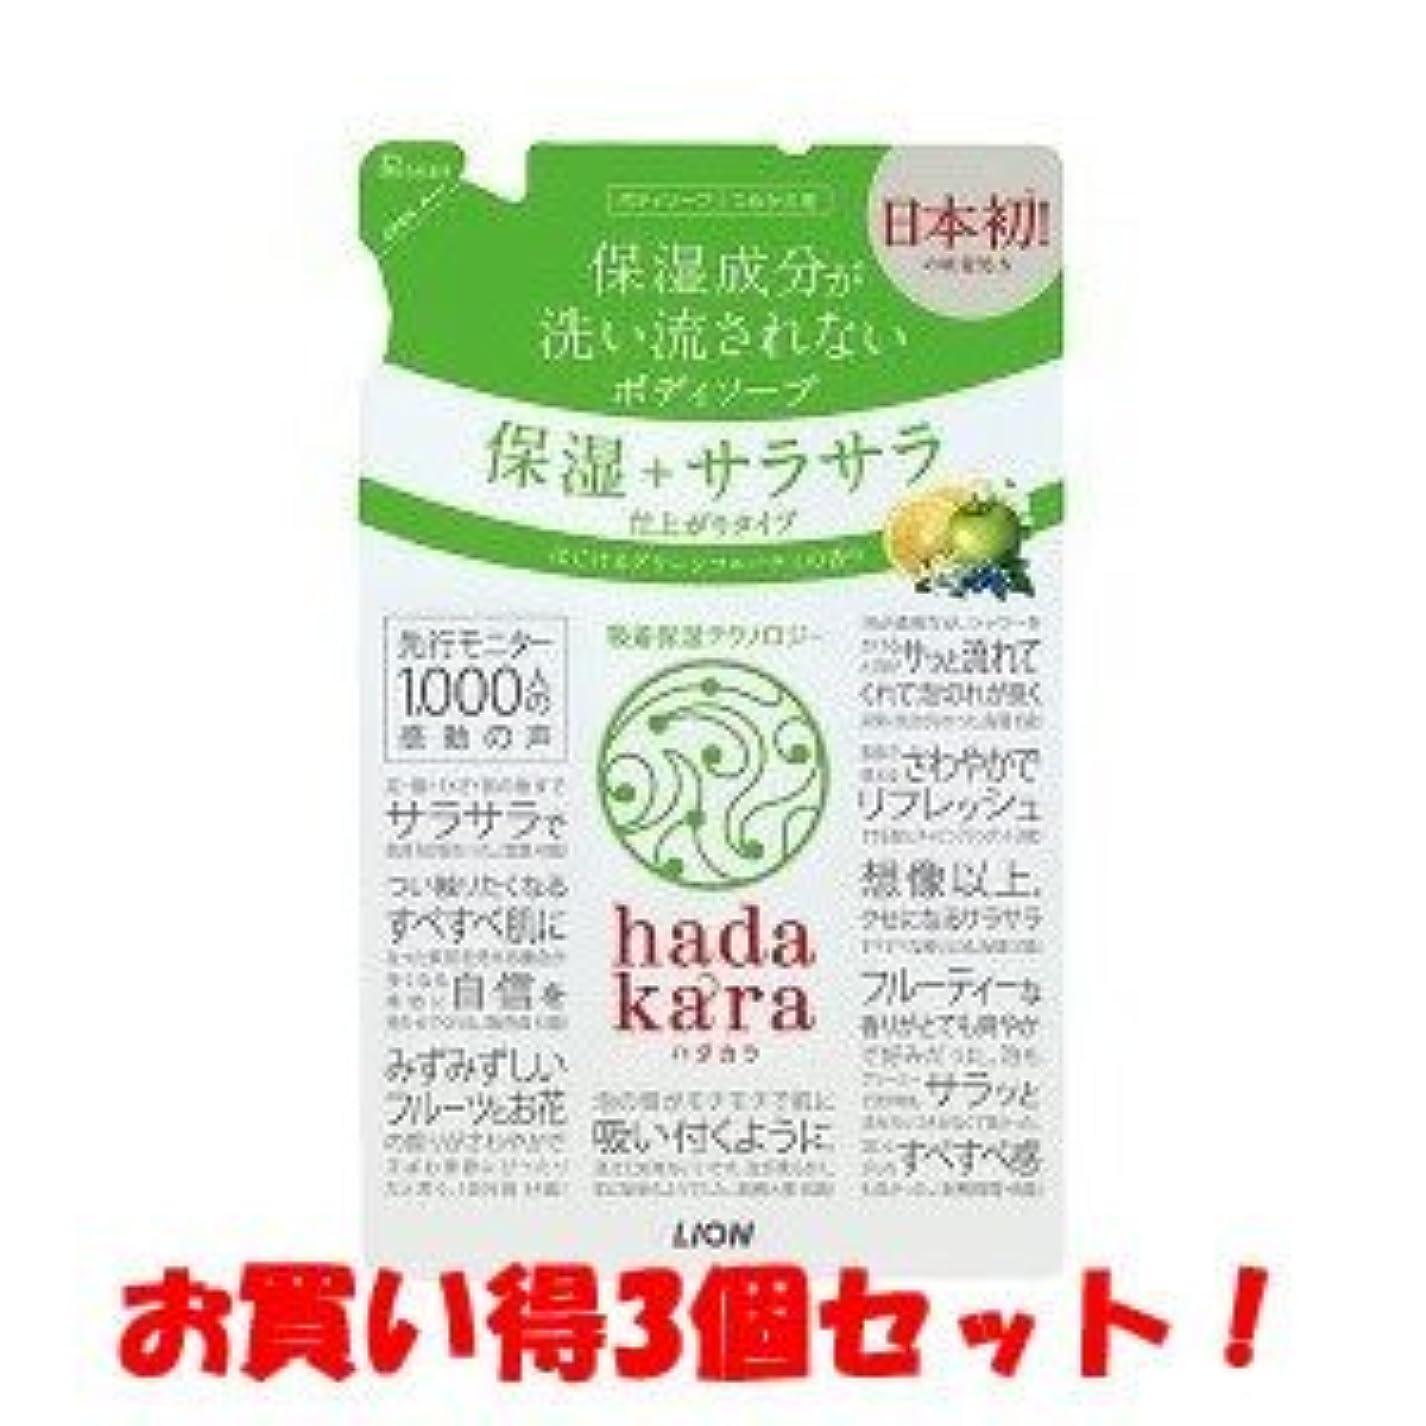 到着従順な拍手(2017年新商品)(ライオン)hadakara(ハダカラ) ボディソープ 保湿+サラサラ仕上がりタイプ グリーンフルーティの香り つめかえ用 340ml(お買い得3個セット)